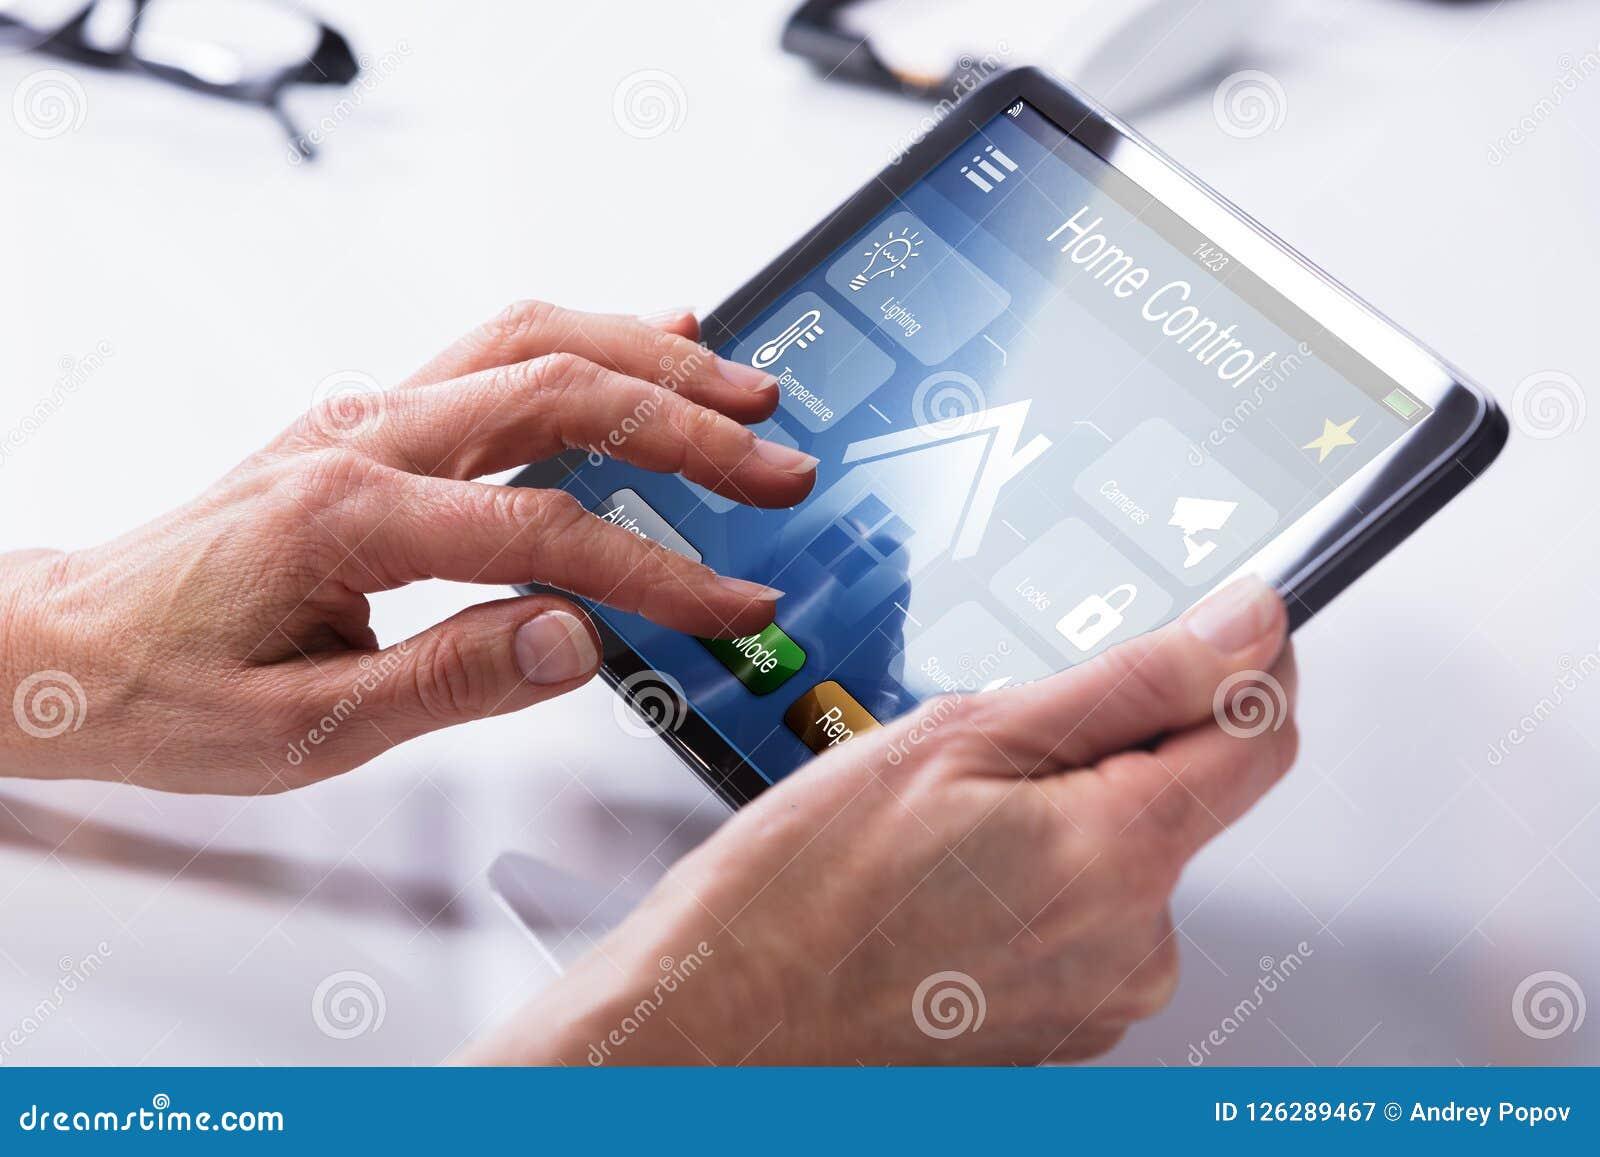 Person Using Home Control System på den Digital minnestavlan